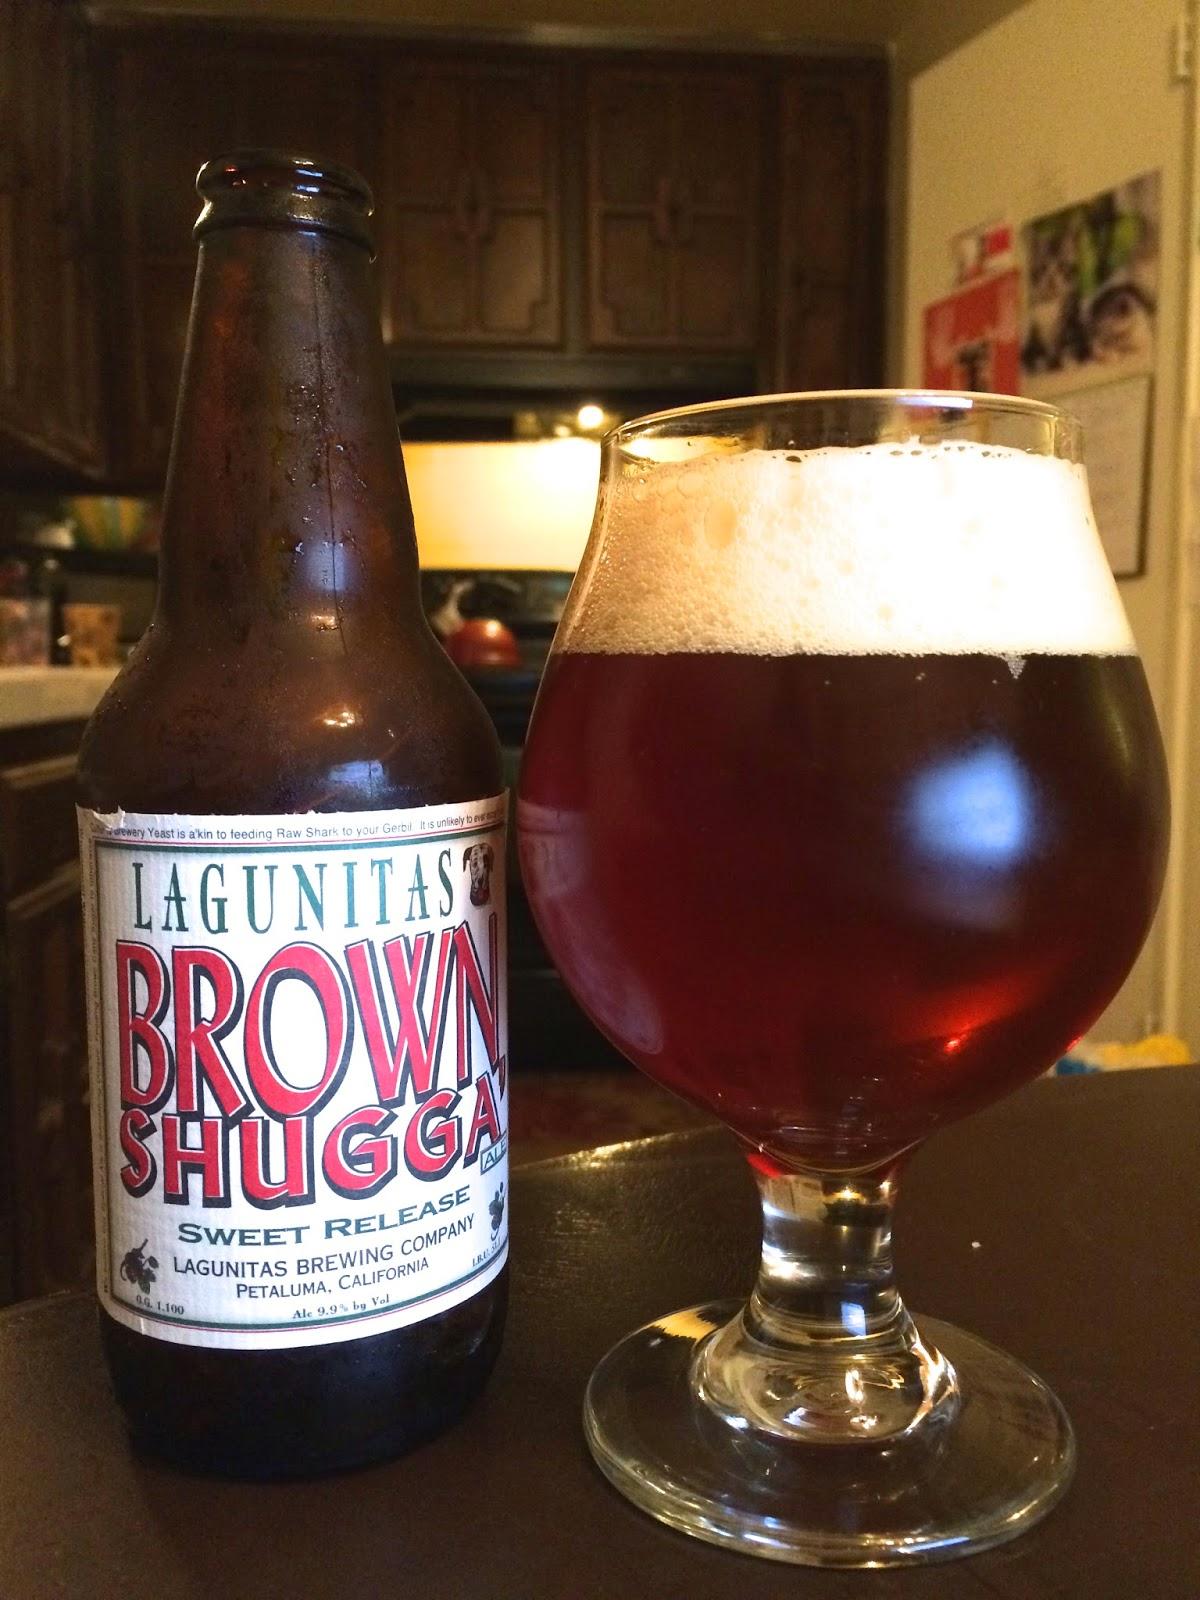 Lagunitas Brown Shugga 1